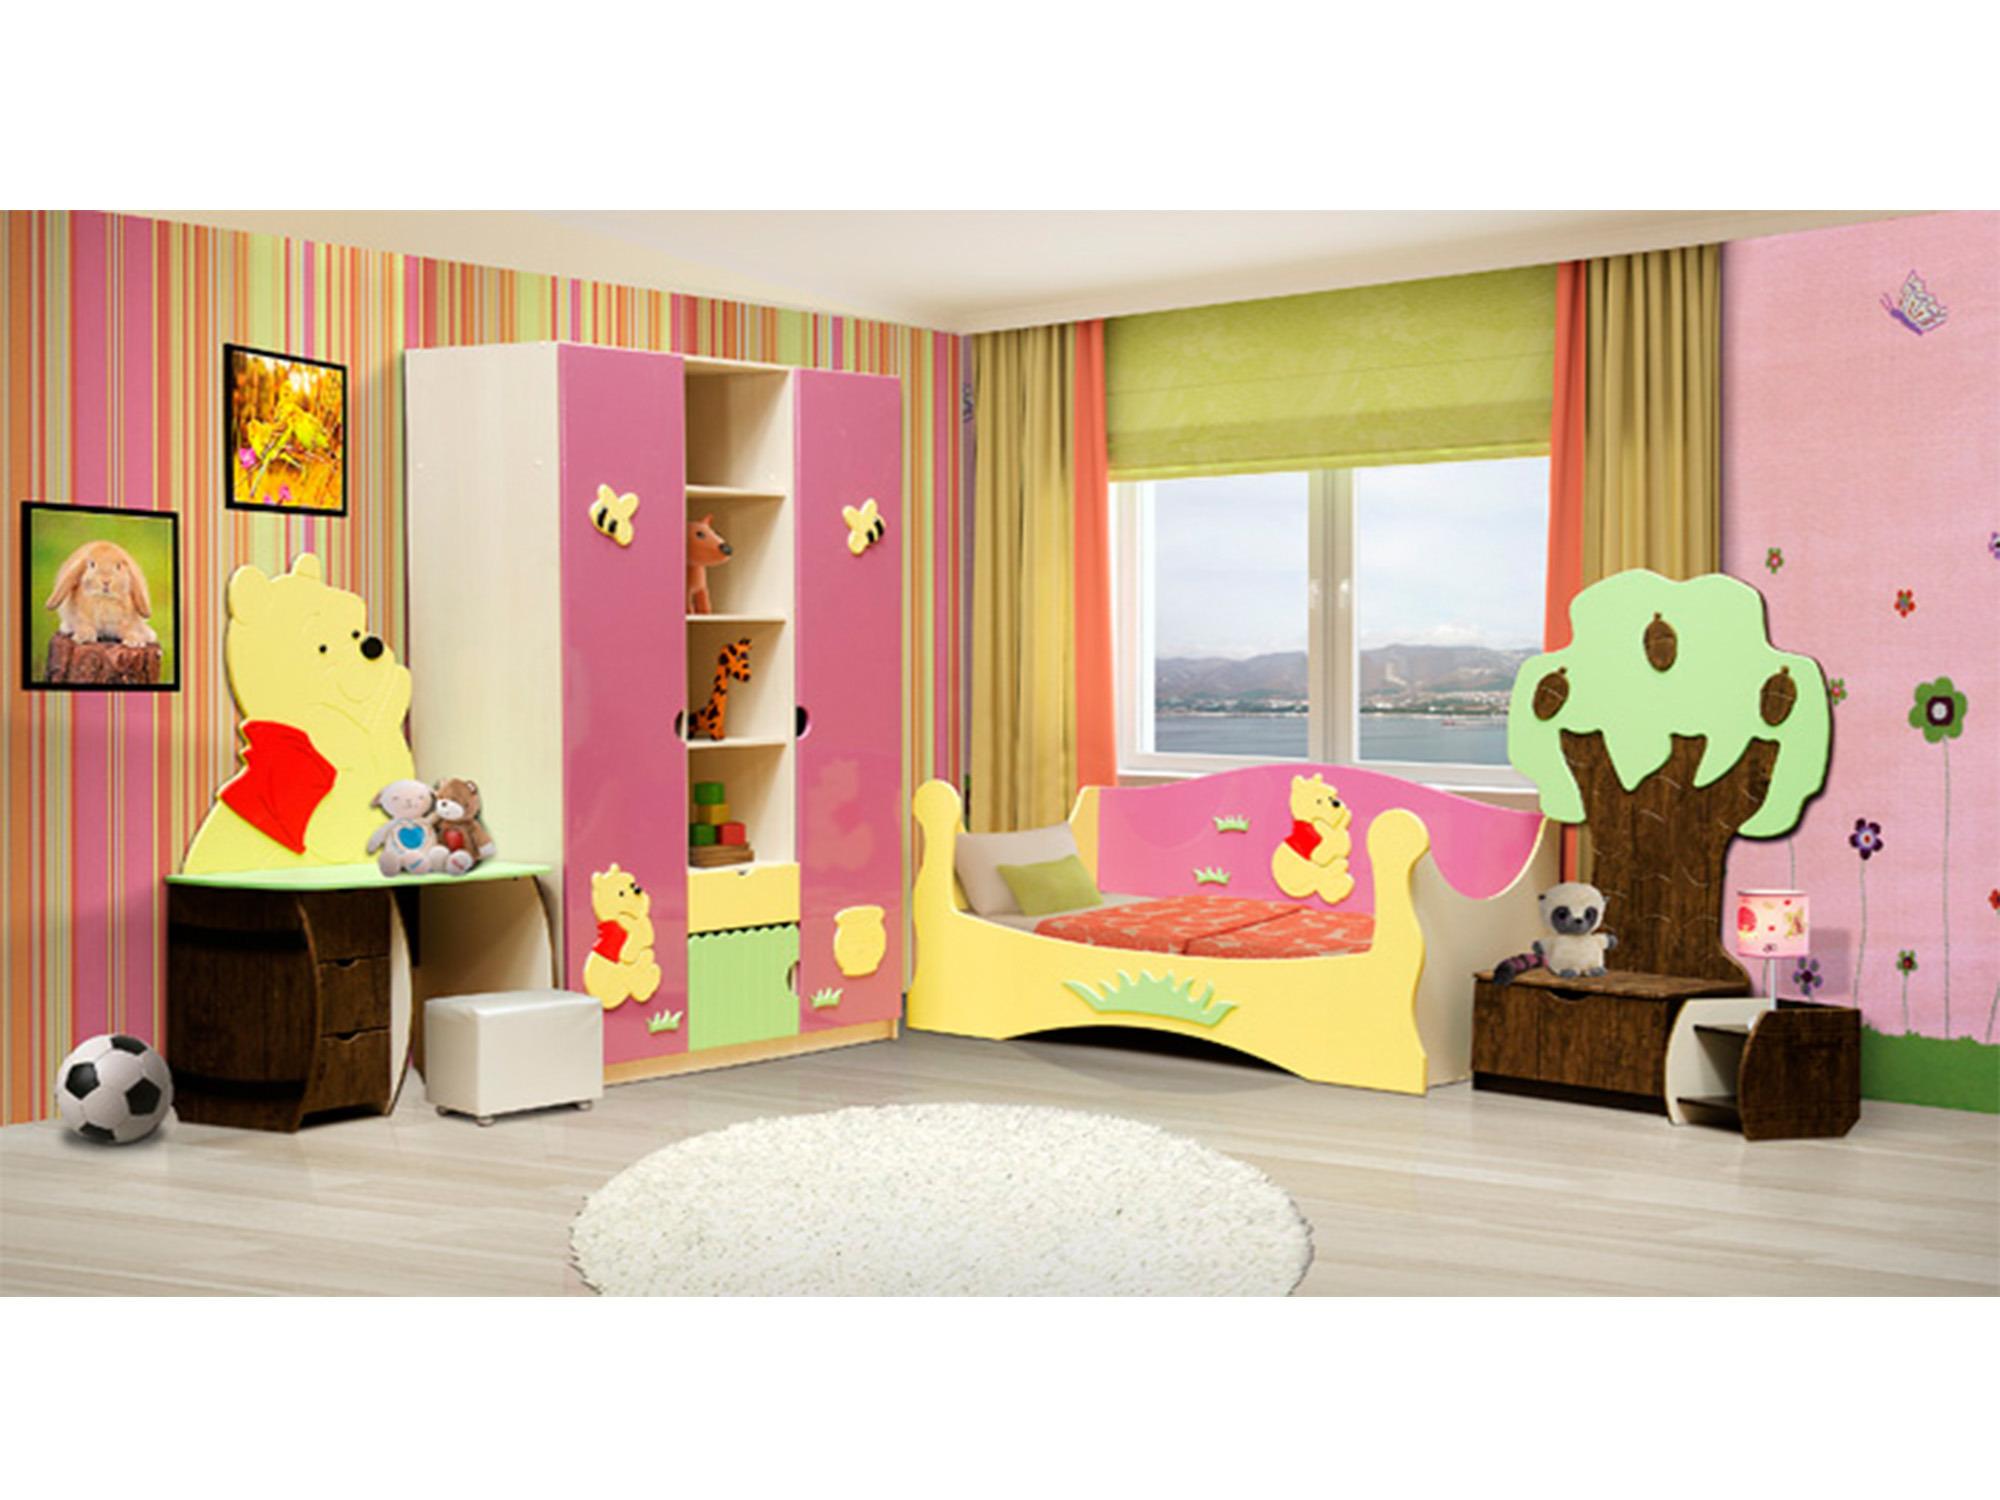 Спальный гарнитур МедвежонокДетские комнаты<br><br><br>Длина мм: 3940<br>Высота мм: 2200<br>Глубина мм: 550